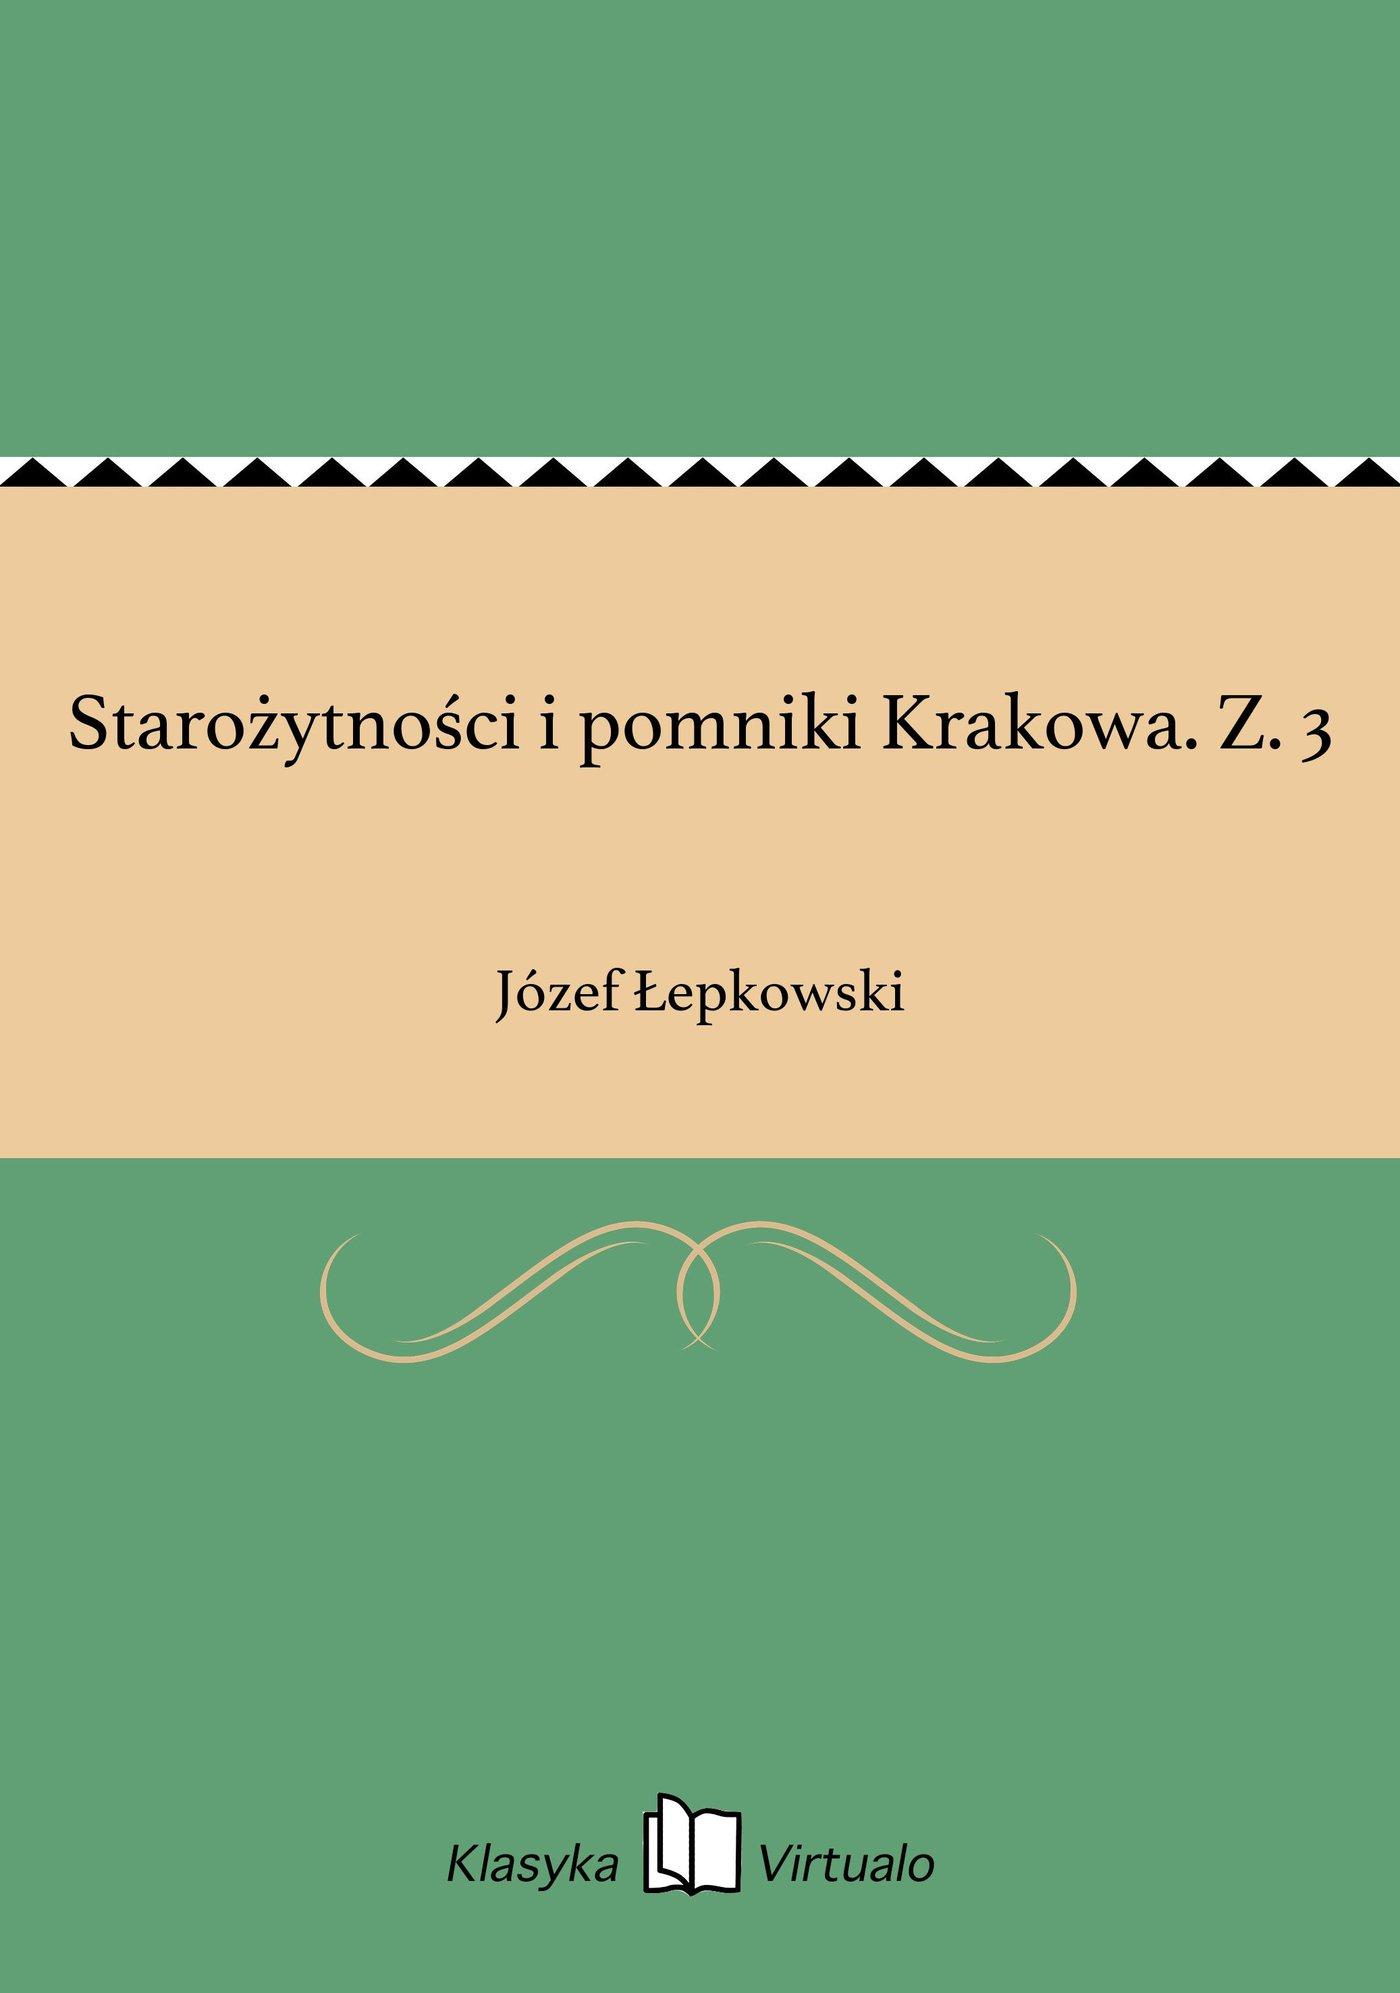 Starożytności i pomniki Krakowa. Z. 3 - Ebook (Książka EPUB) do pobrania w formacie EPUB